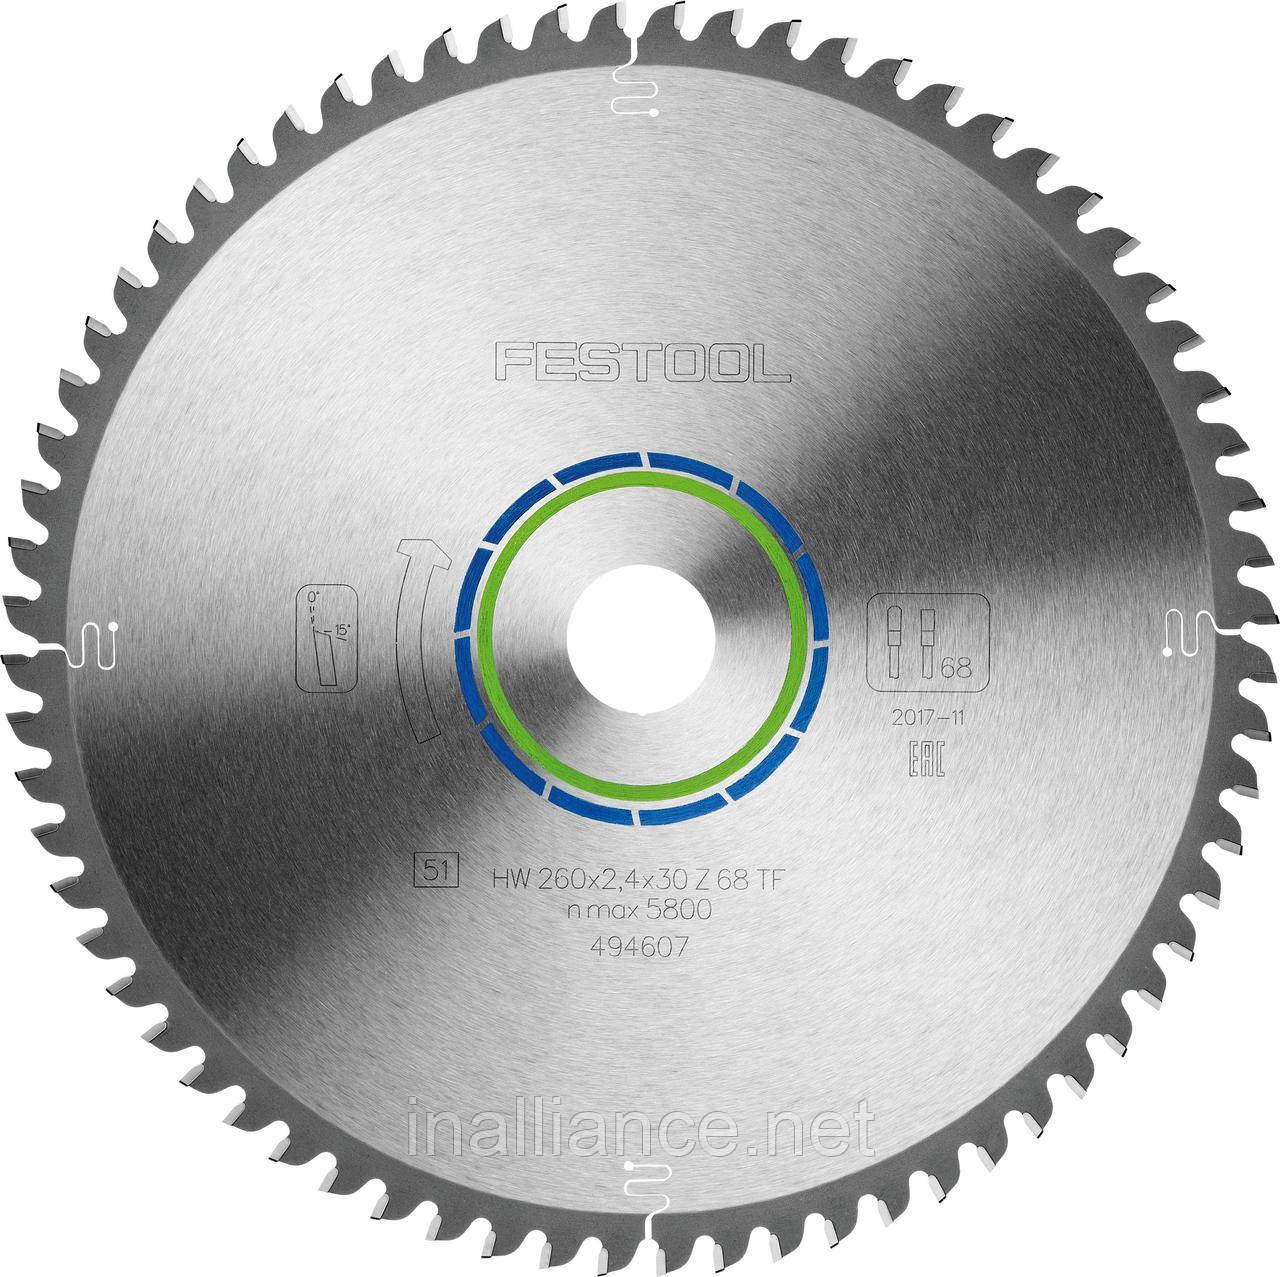 Спеціальний пиляльний диск 260 x 30 х 2,4 TF68 Festool 494607